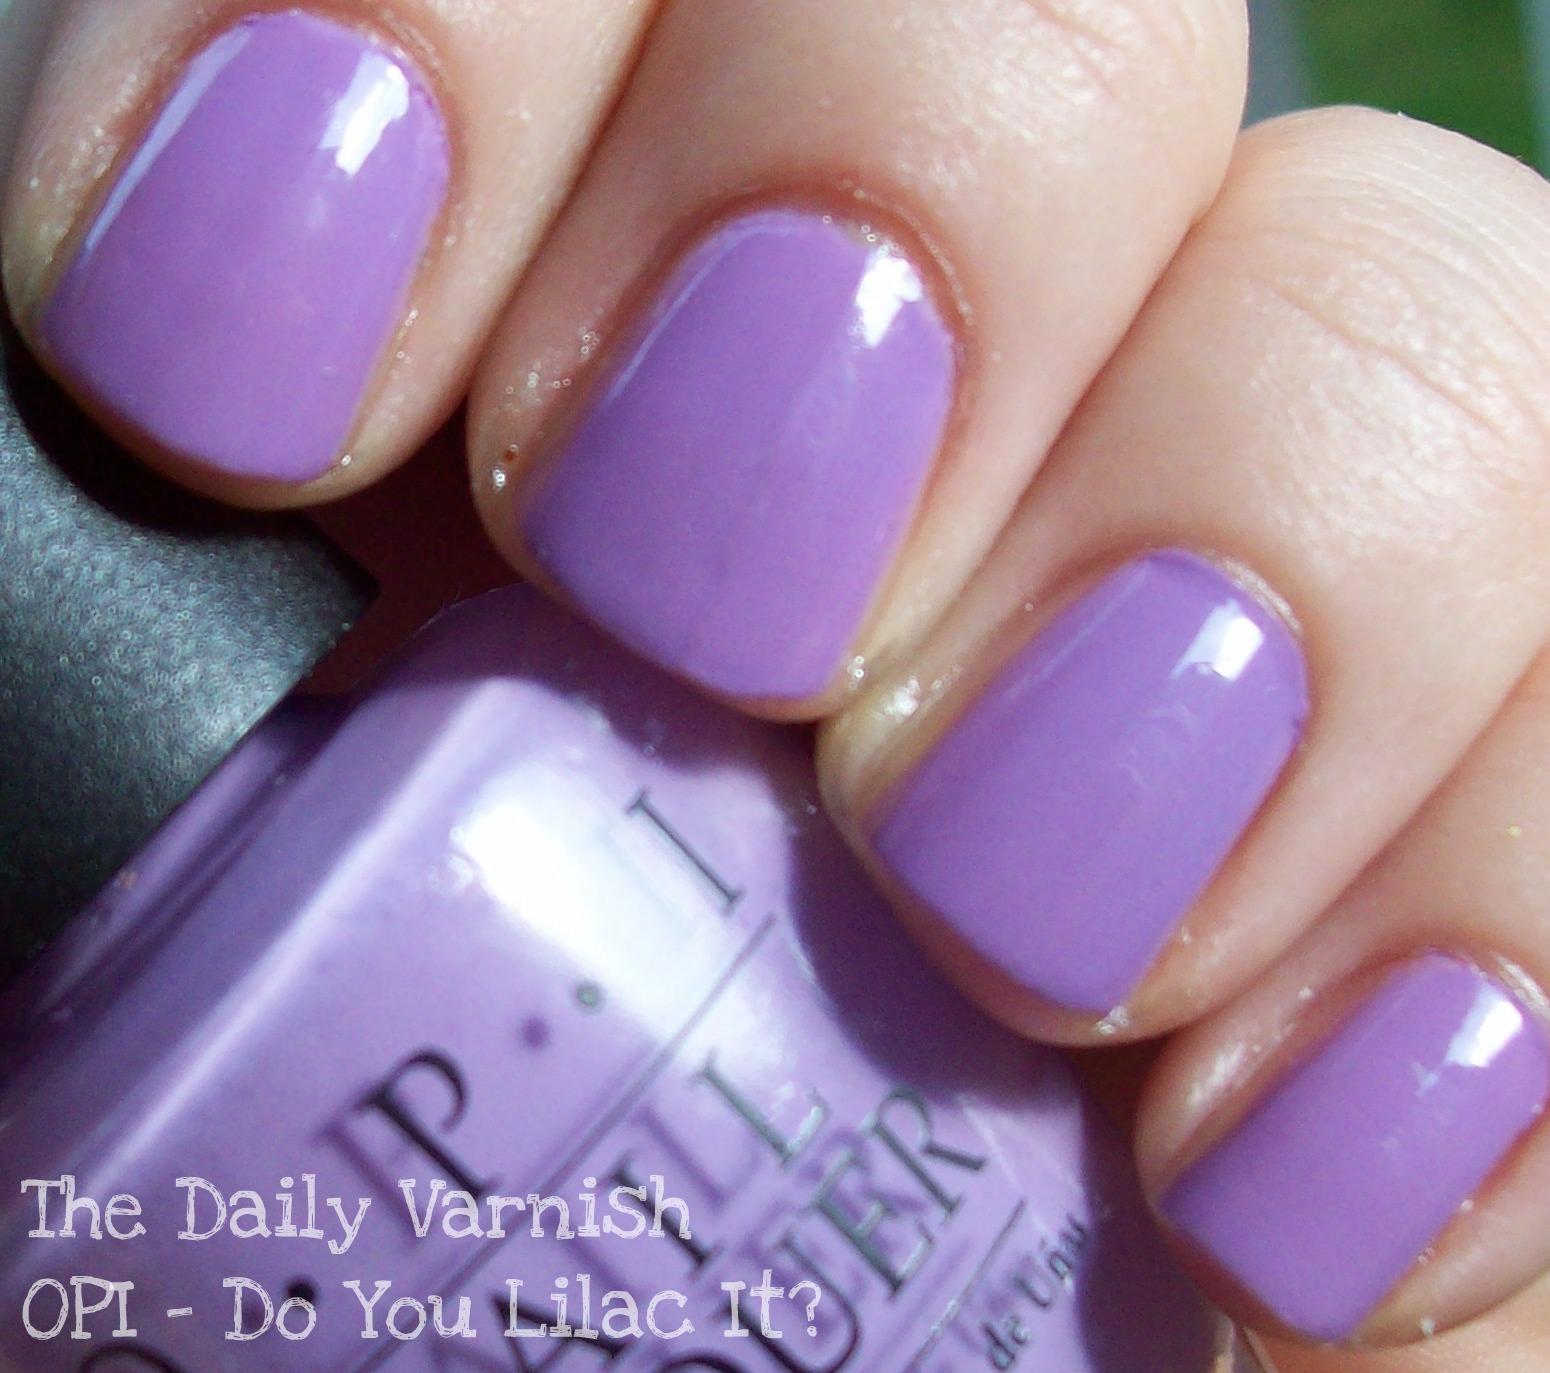 Lilac Nail Color: The Daily Varnish